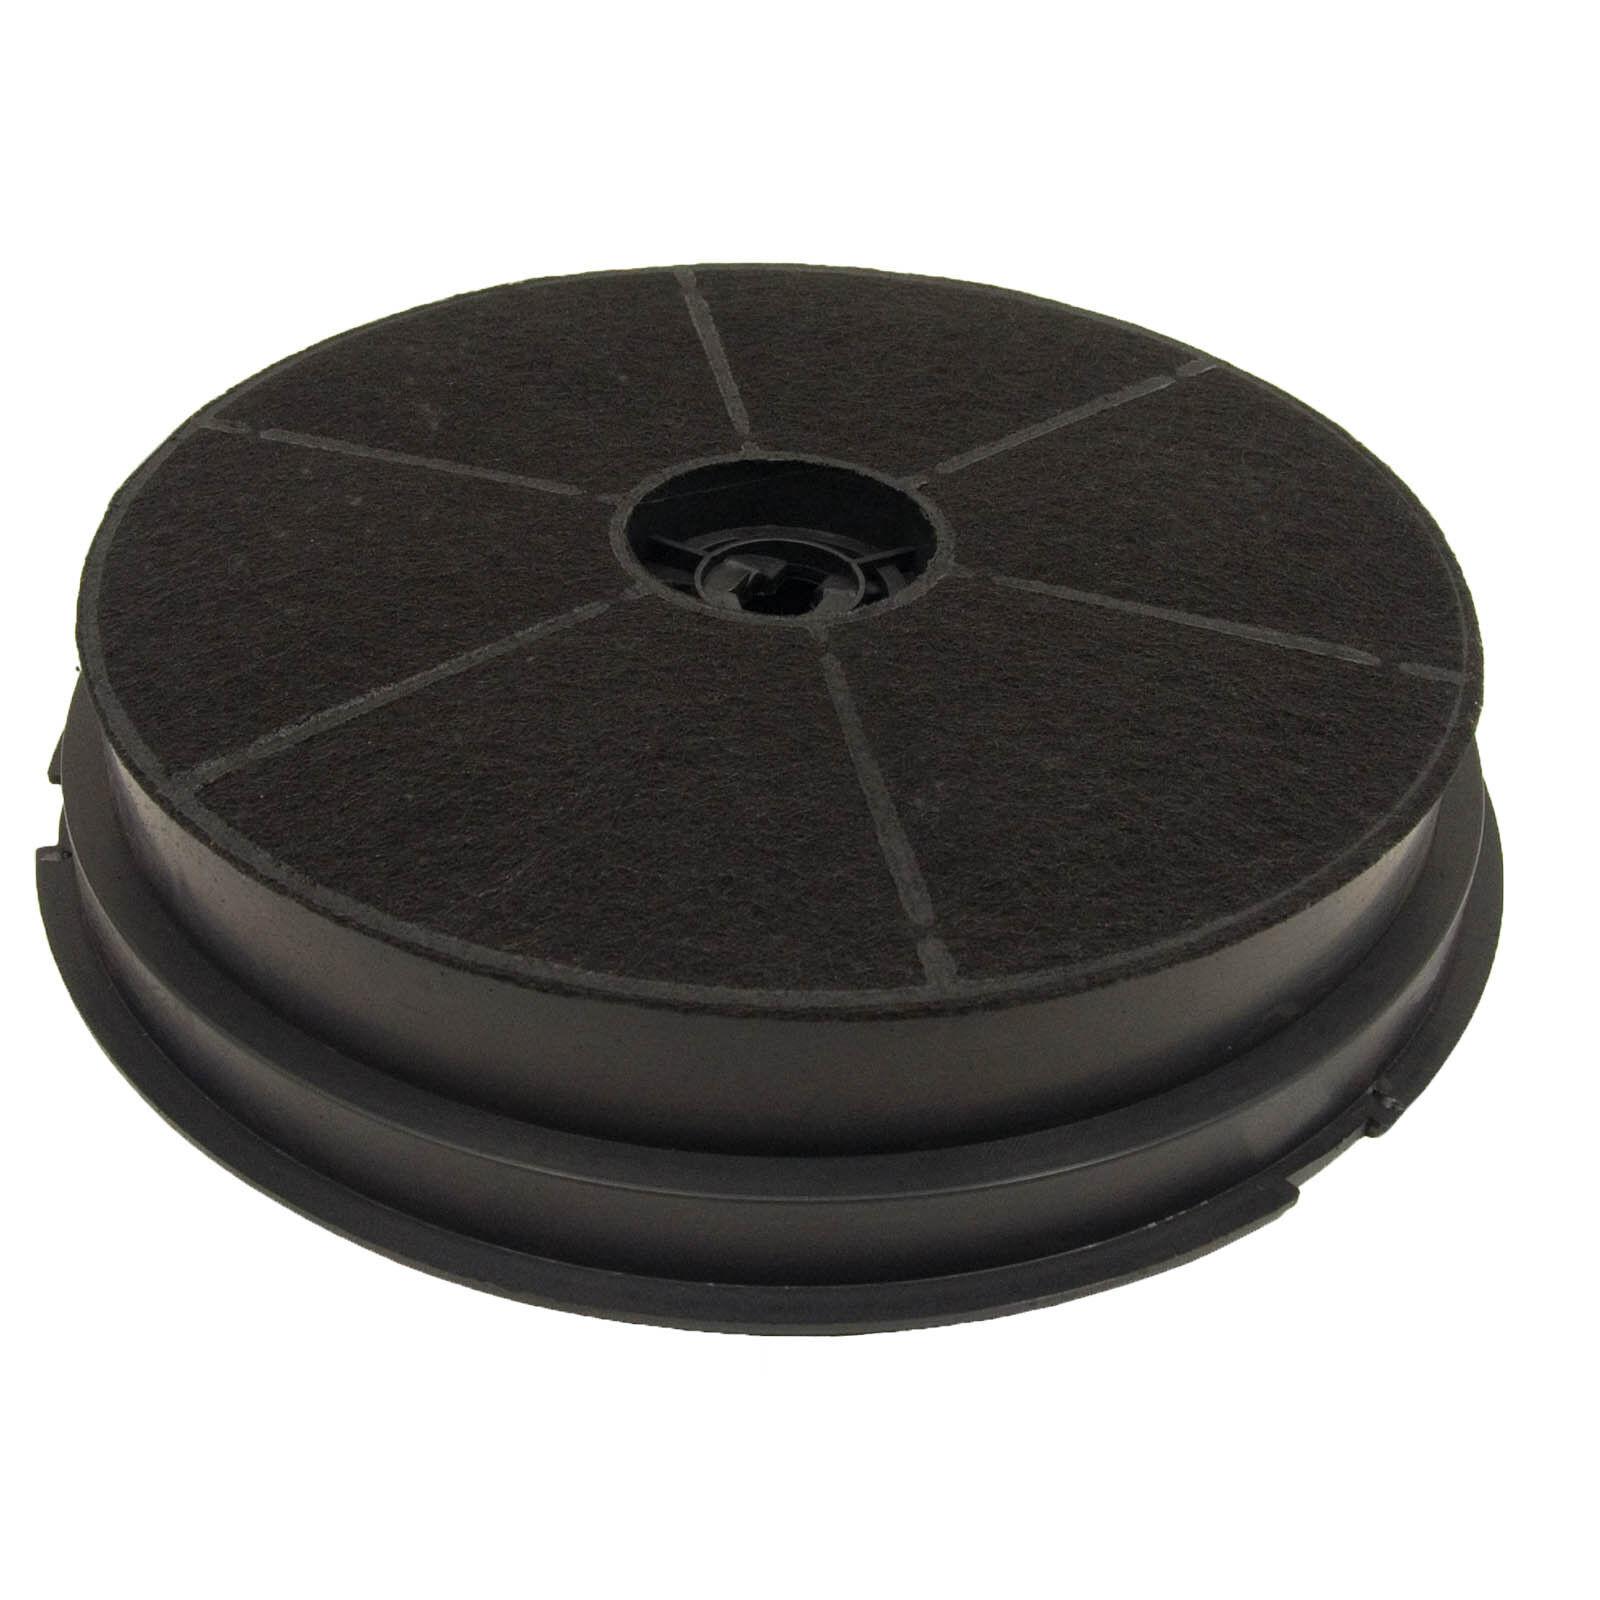 Qualtex pour Hotte de Cuisinière Hotte filtre à graisse 57 cm x 47 cm Free p/&p